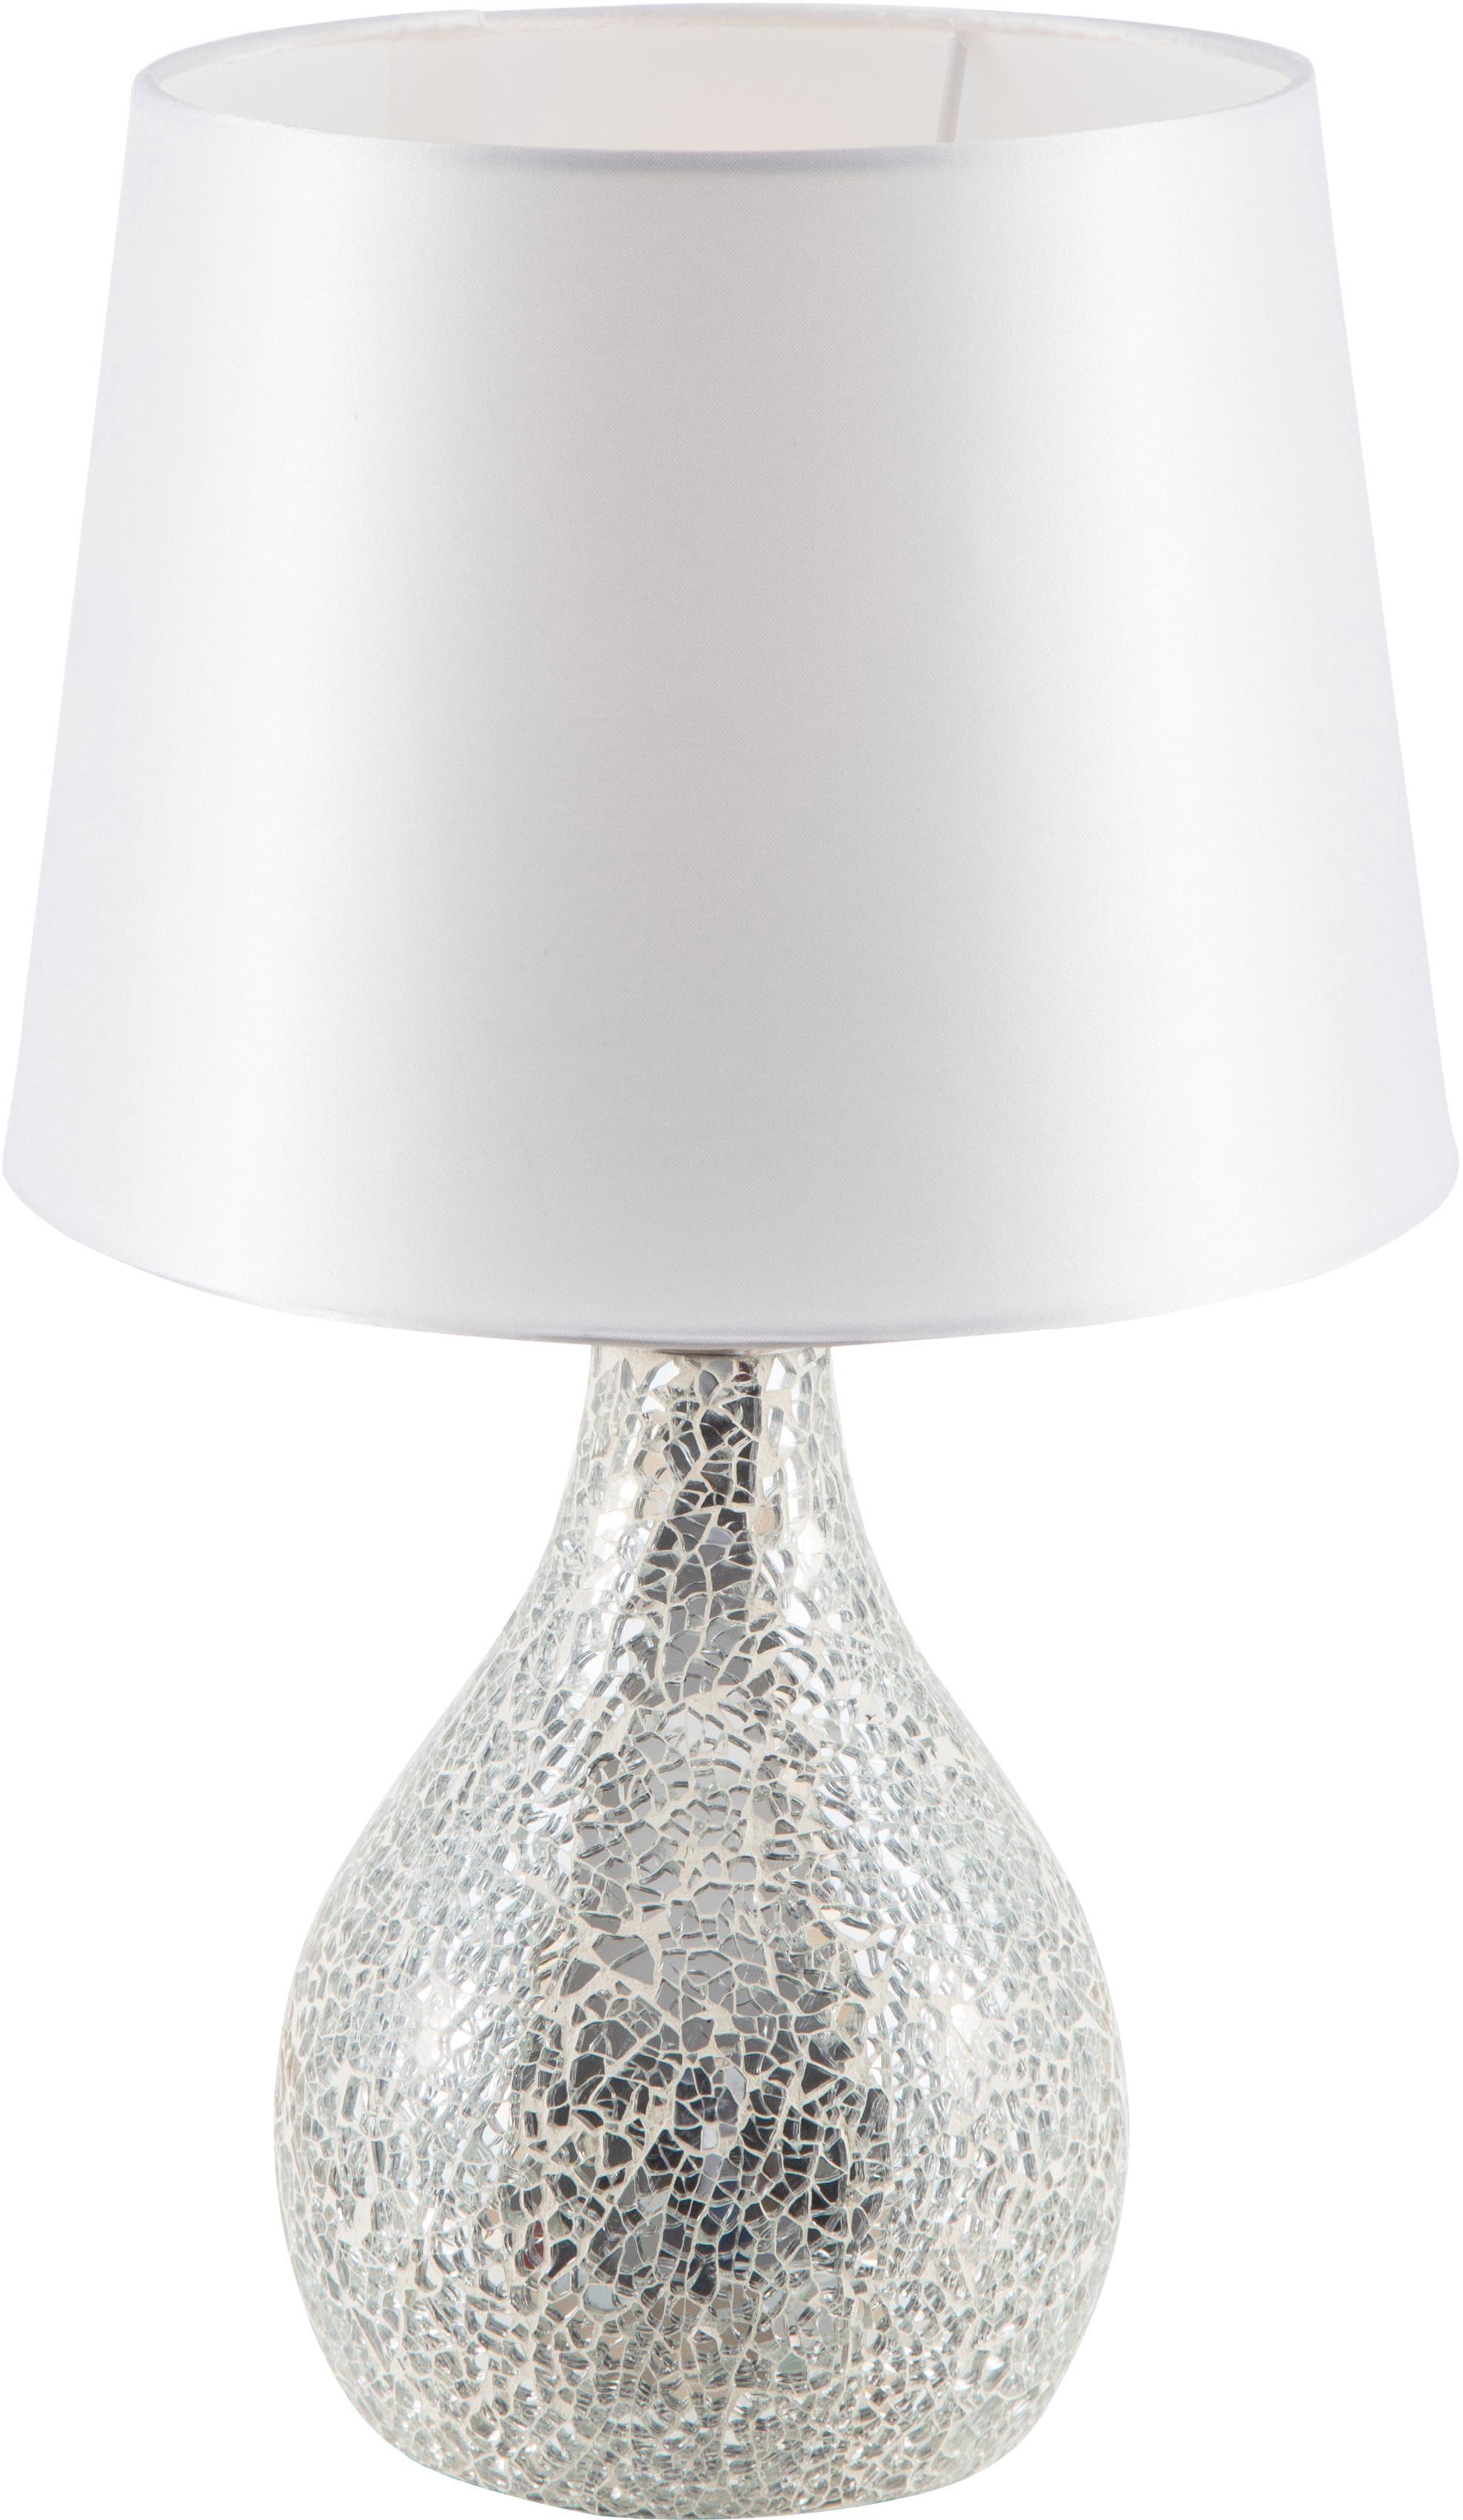 Nino Leuchten,Tischleuchte SUSA